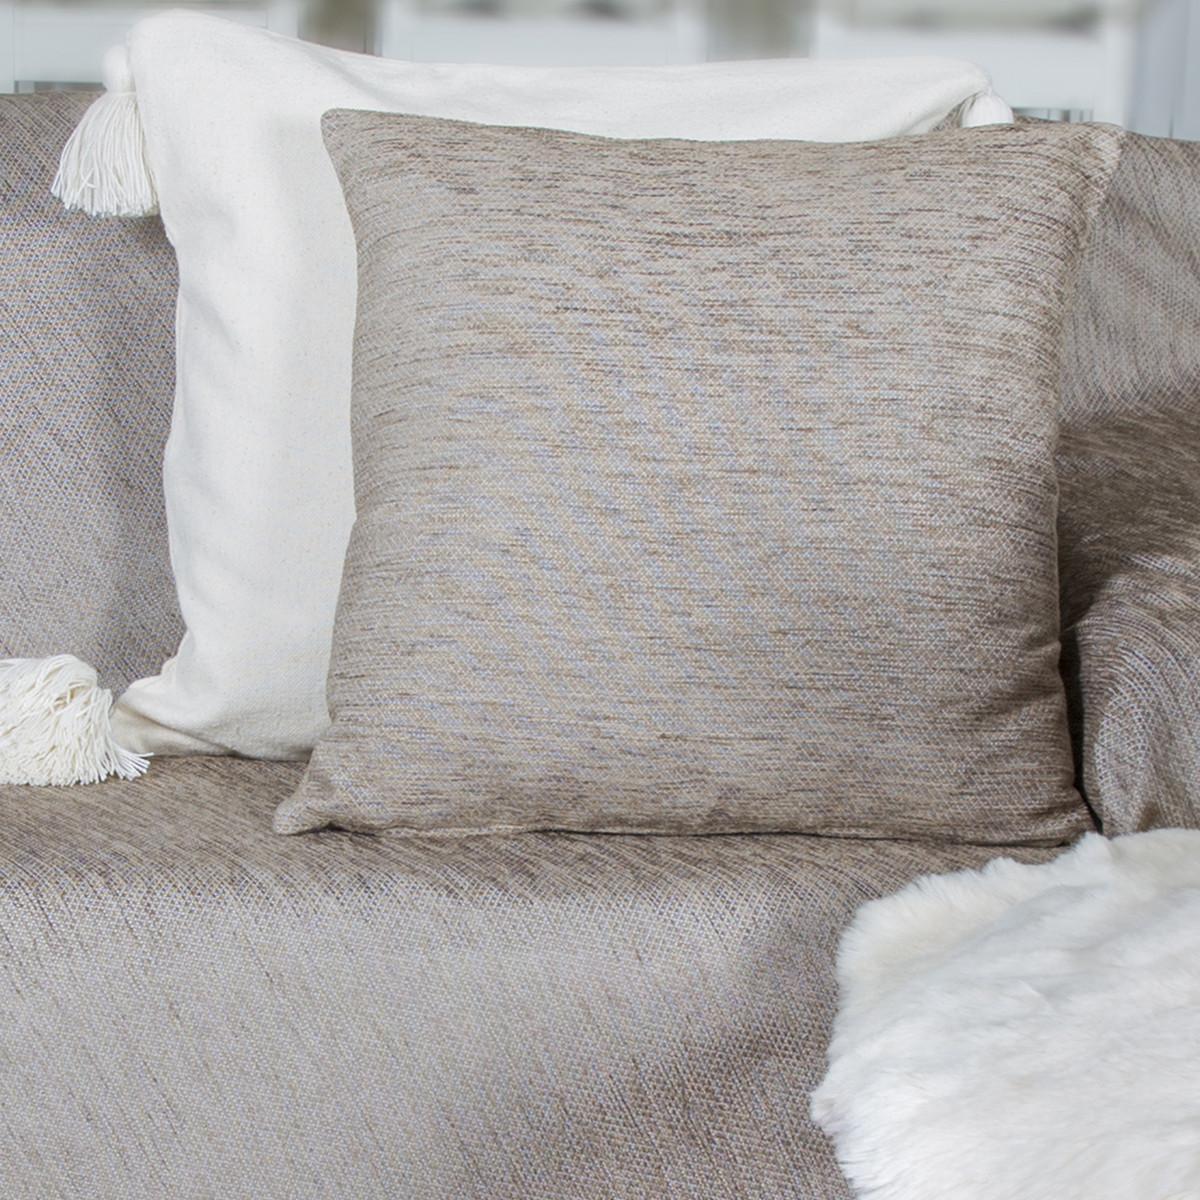 Διακοσμητική Μαξιλαροθήκη Loom To Room Miski Beige